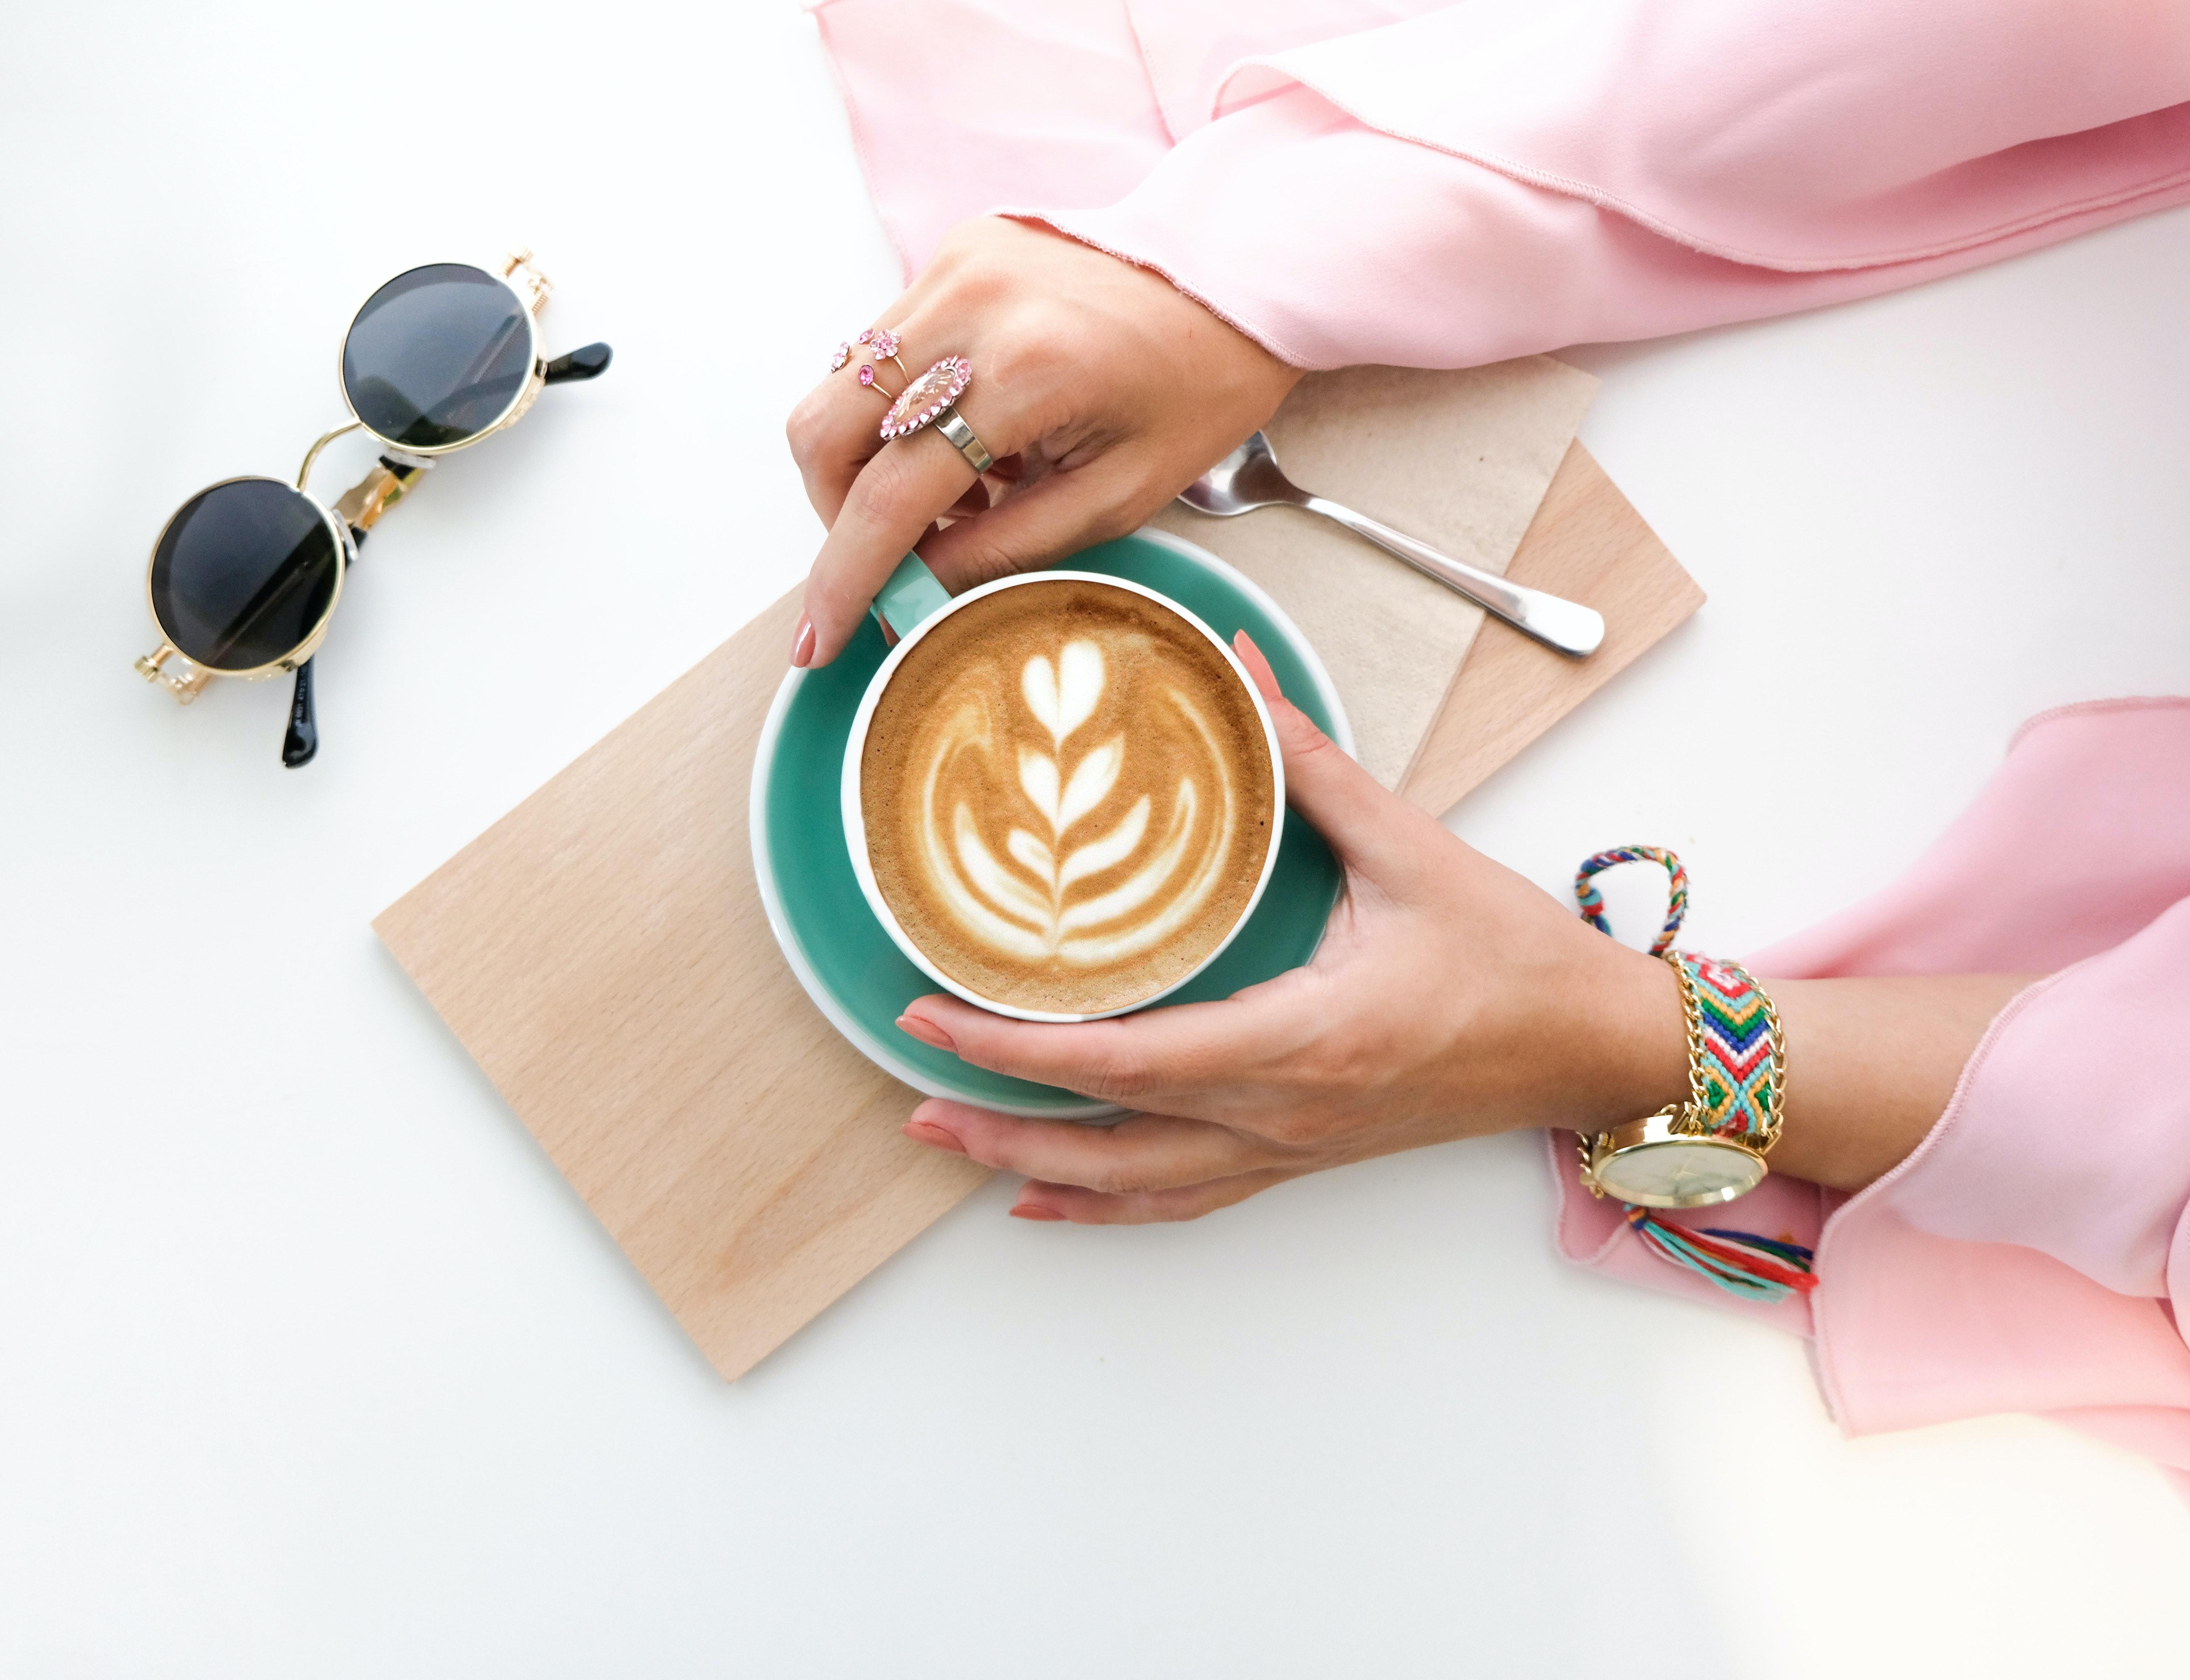 Koffie Volgens Ayurveda: Is Het Wel Gezond?